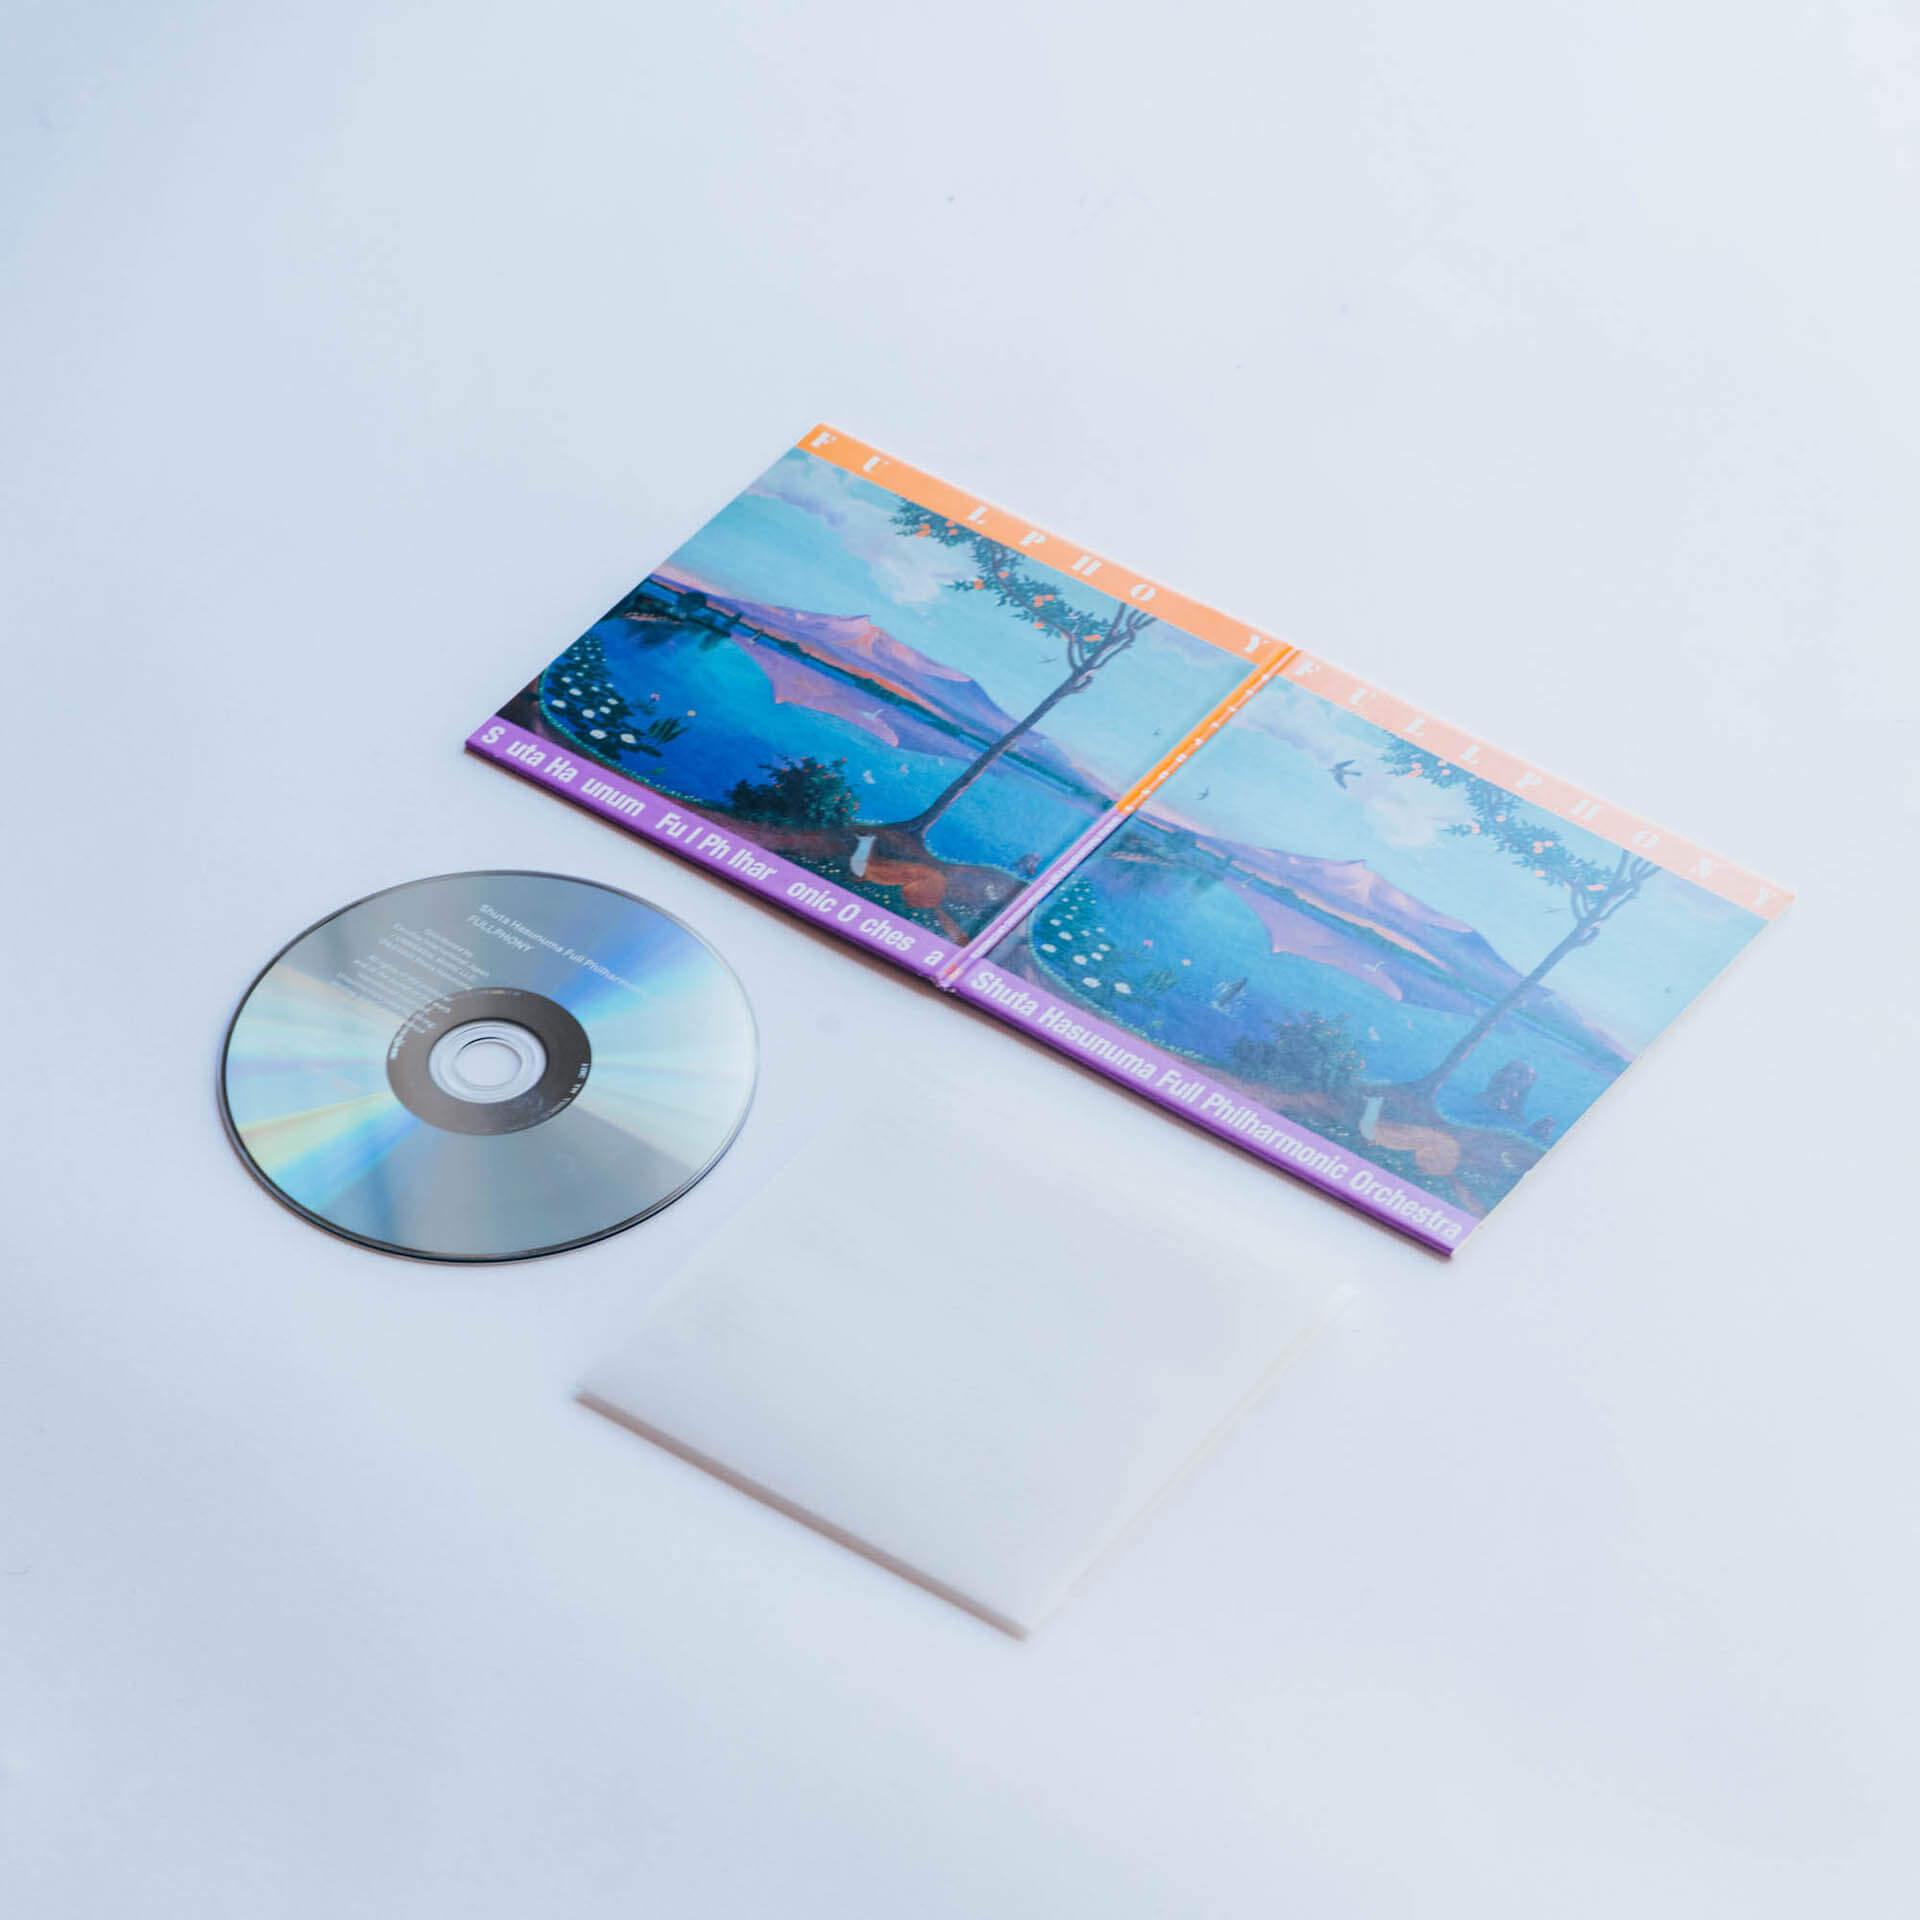 蓮沼執太フルフィルによる最新アルバム『フルフォニー』のCD&レコードが本日発売!発売記念ポップアップイベントも開催決定 music20201028_hasunumaphil_4